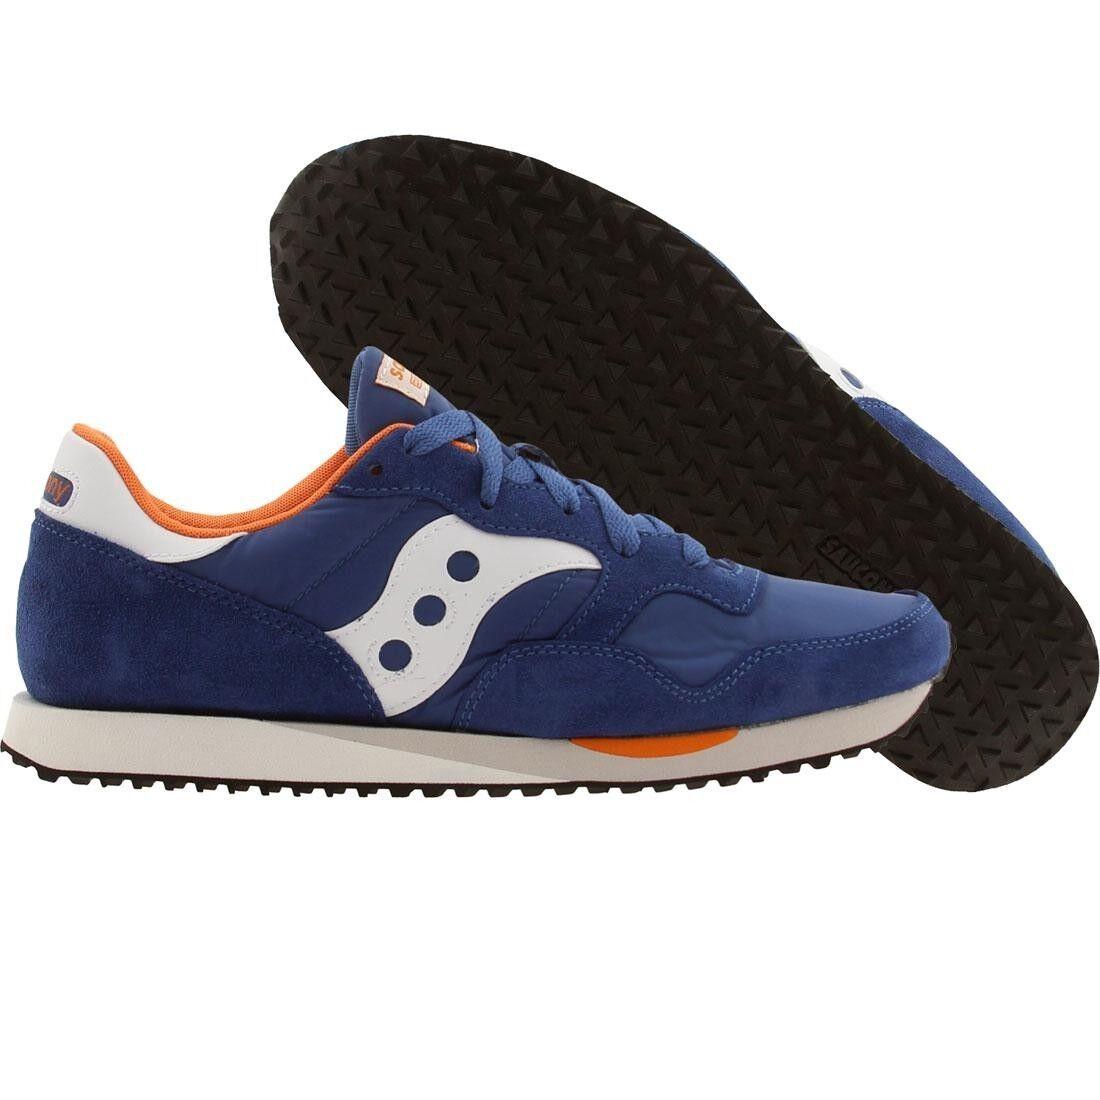 80.00 Saucony Men DXN Trainer (bluee   orange) S70124-7